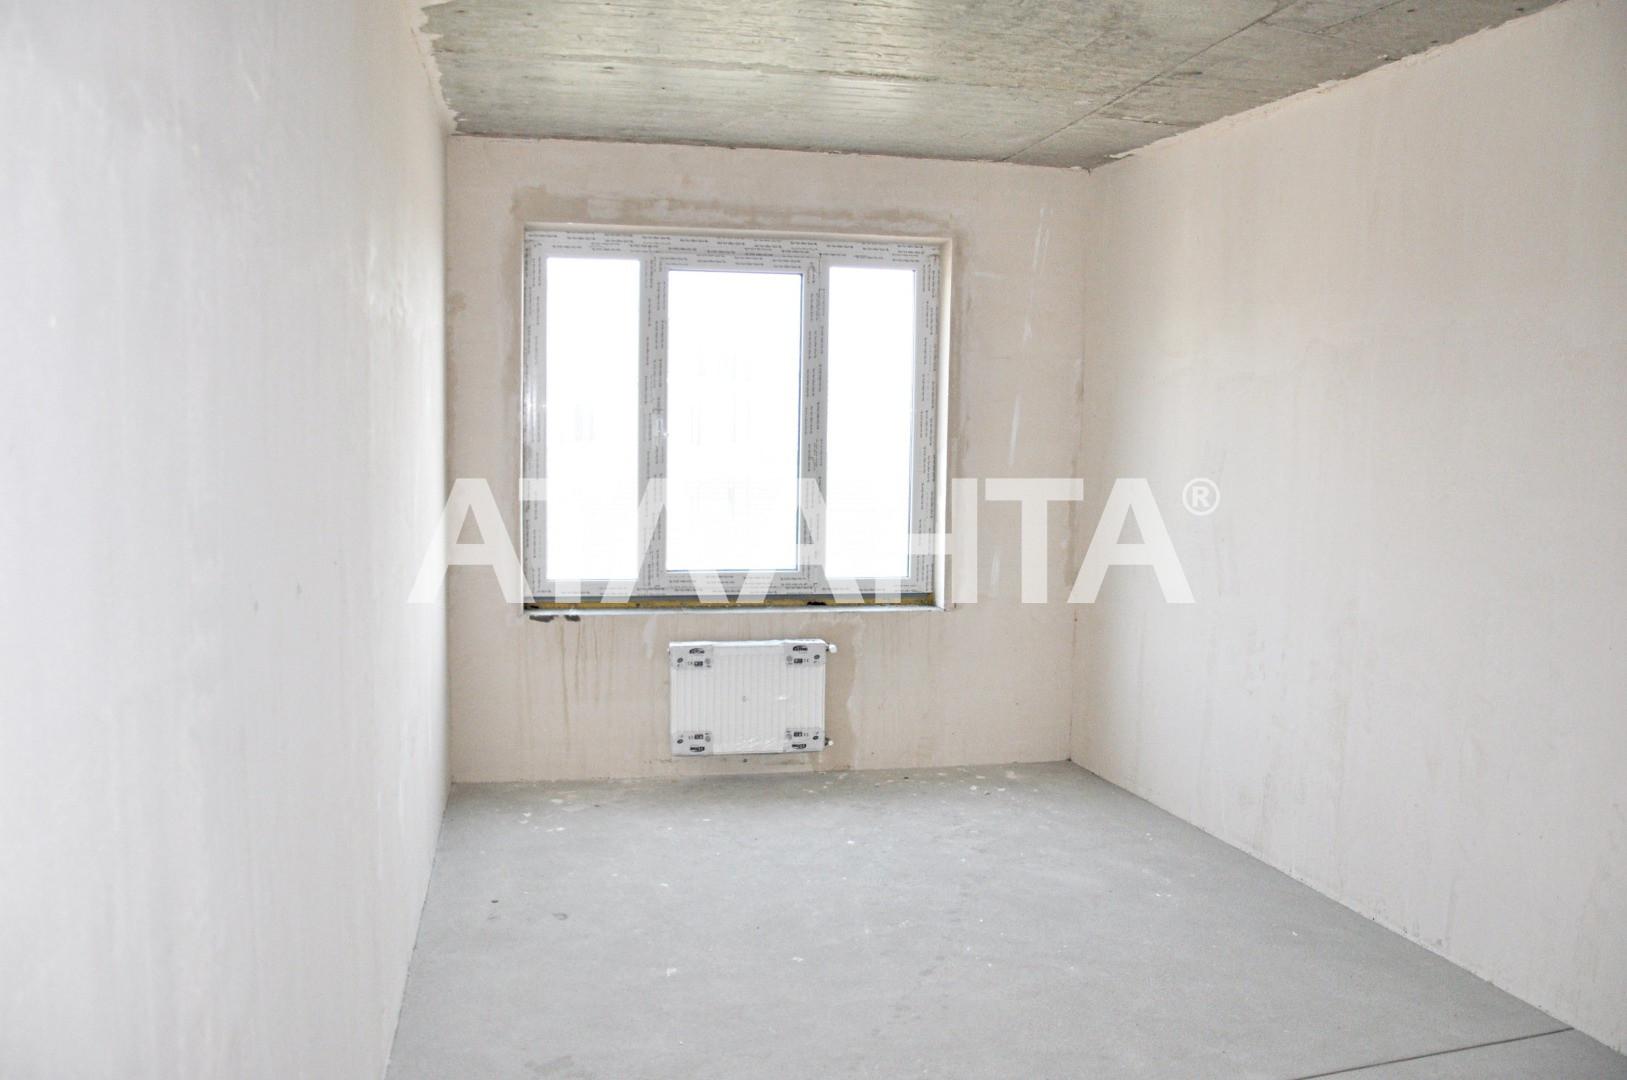 Продается 2-комнатная Квартира на ул. Каманина — 65 000 у.е. (фото №3)